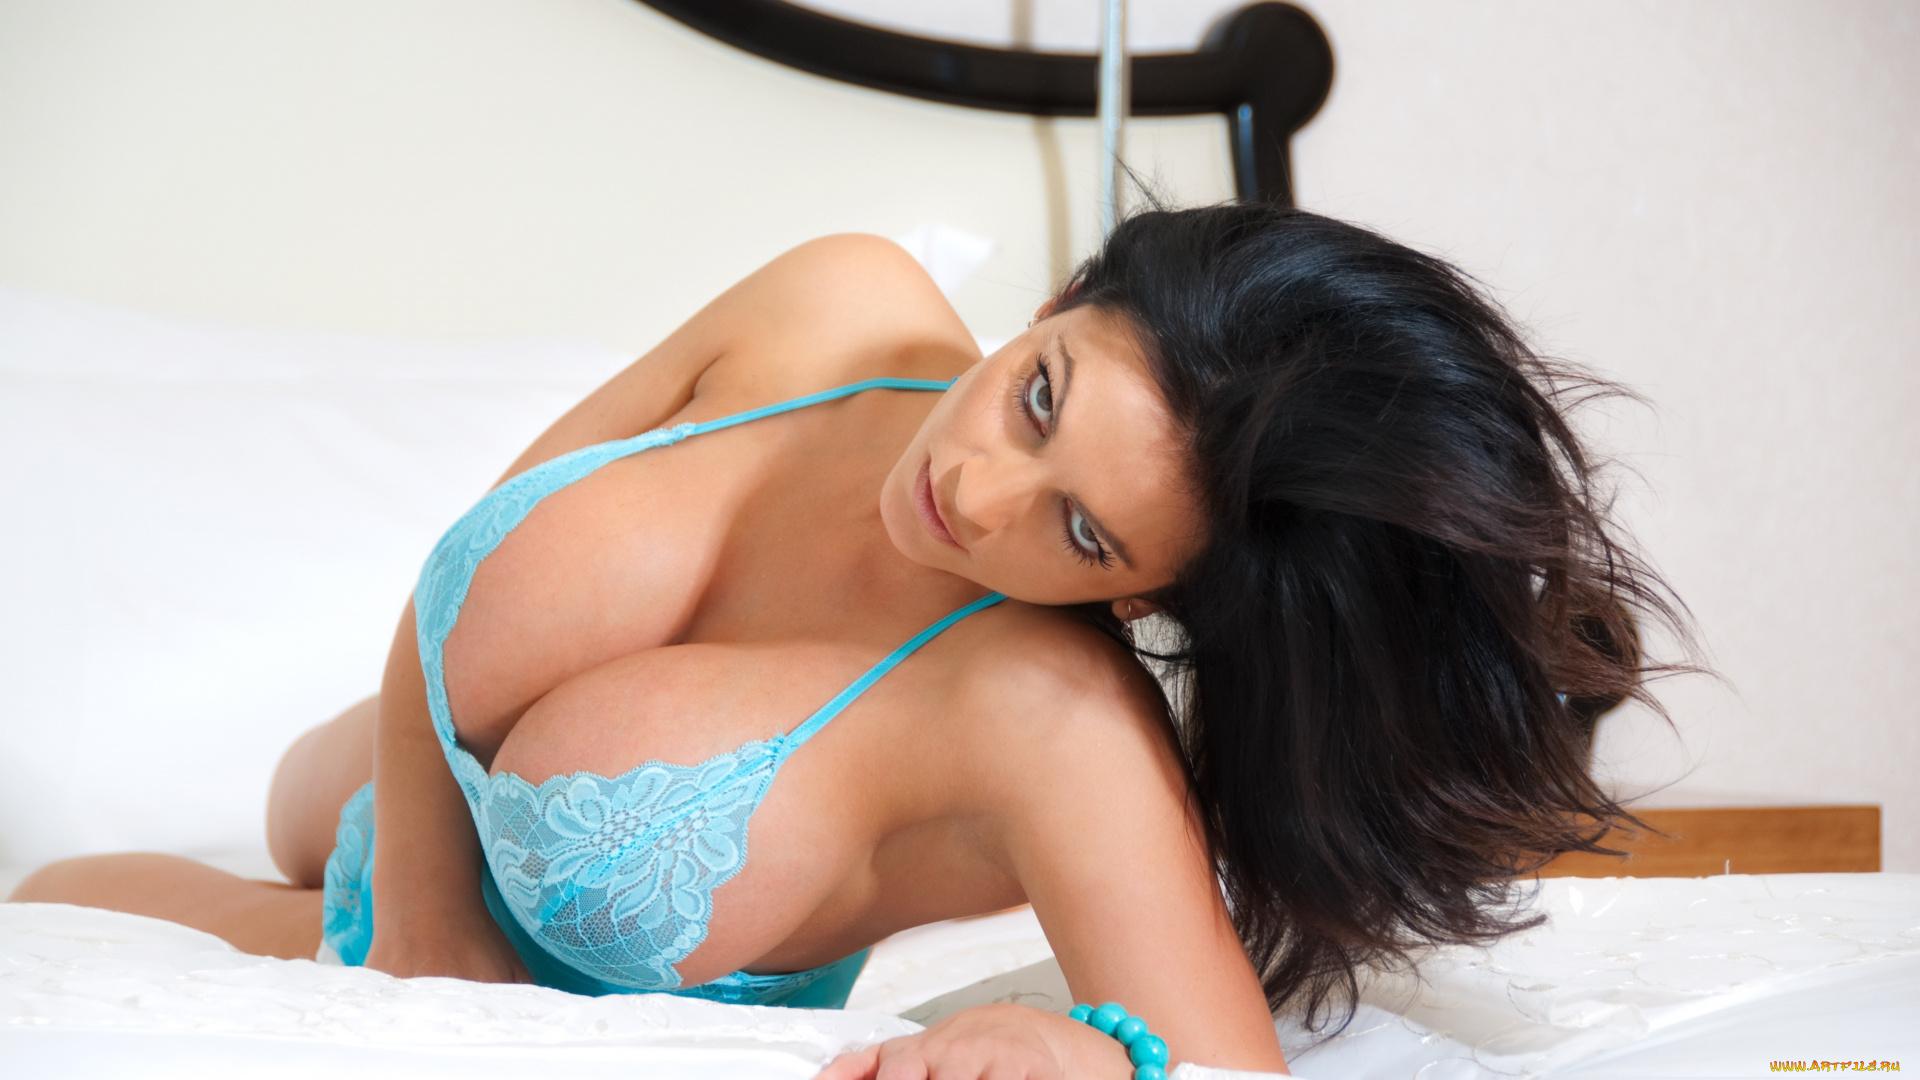 Смотреть как сосут грудастые тёлки, Групповой минет от сисястой телки порно видео онлайн 14 фотография